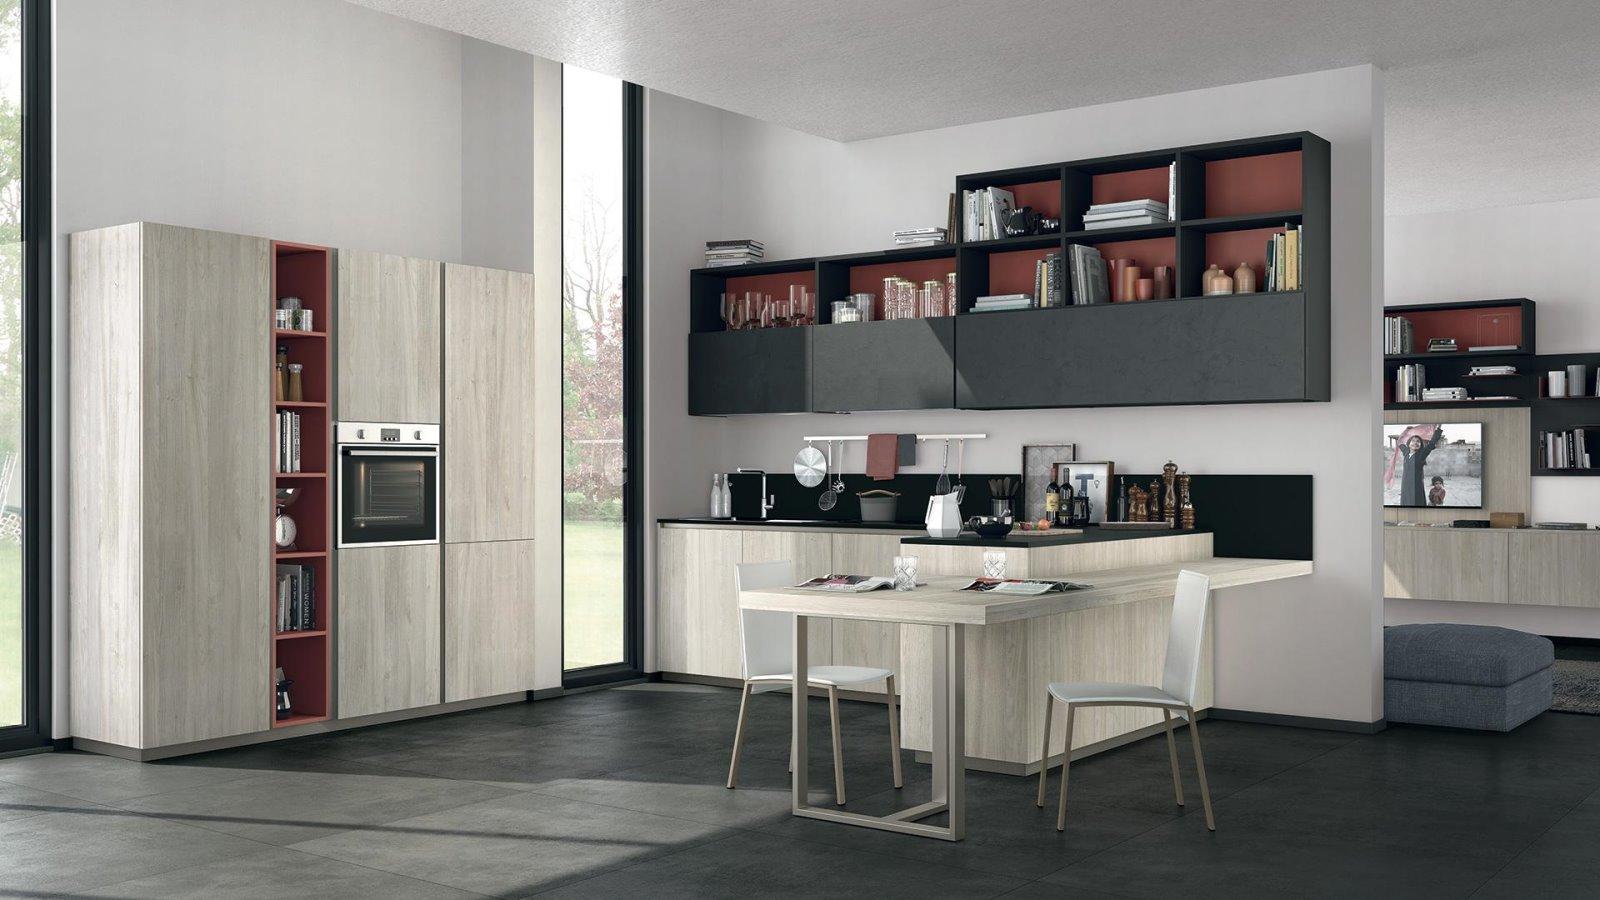 Cucine lube mariotti casa - Cucina lube immagina ...